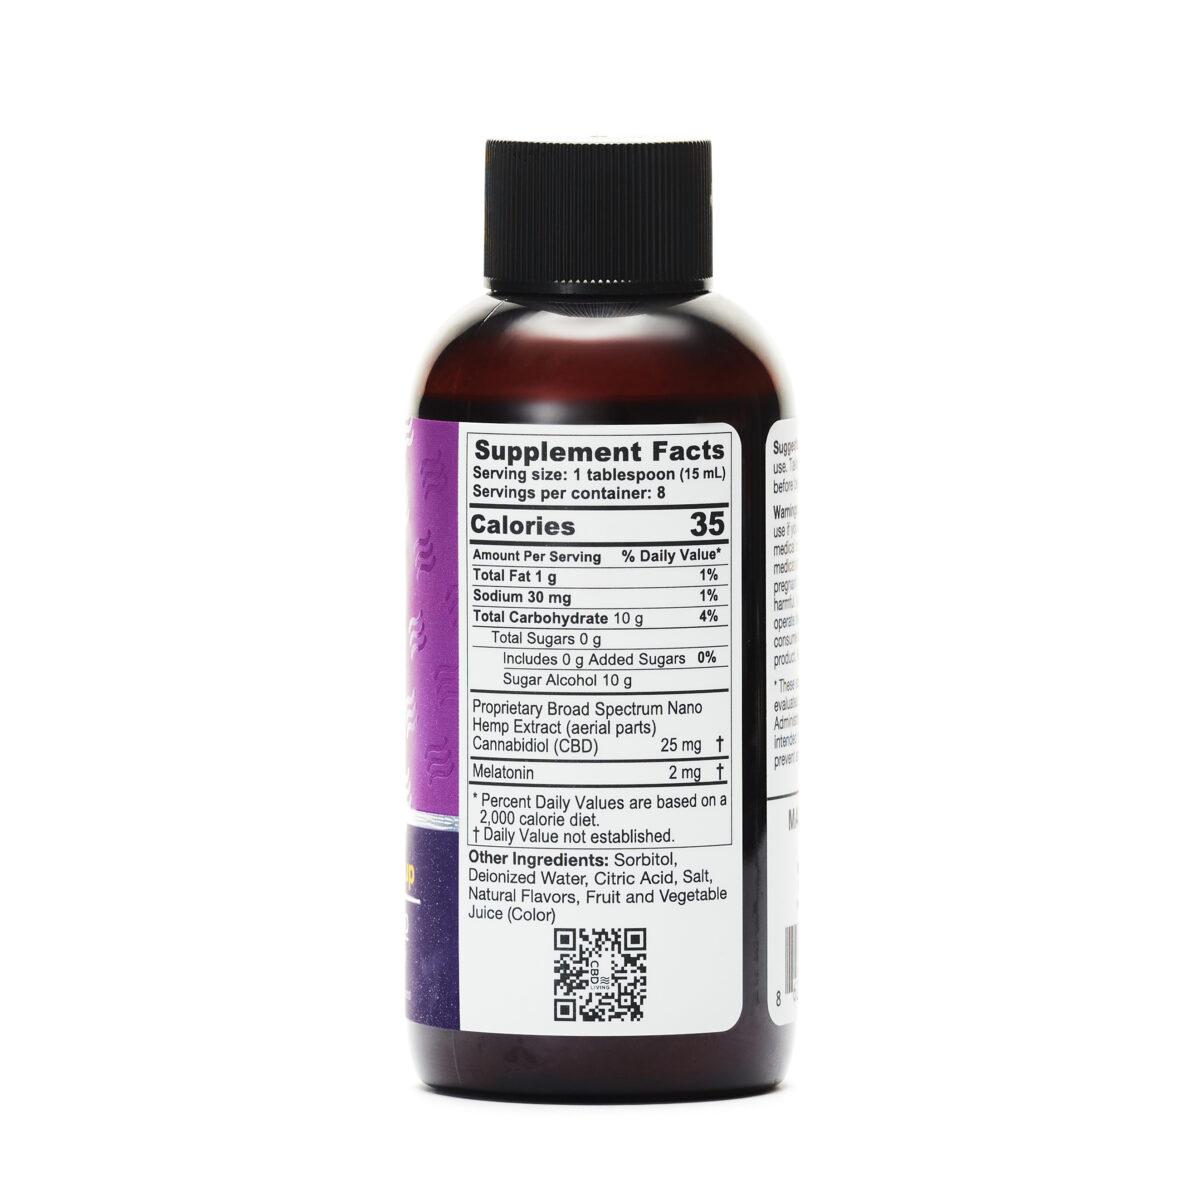 120 мл. Сироп CBD (КБД) для Сна и Отдыха, 25мг. CBD и 2мг. Мелатонина в 1 ст. Ложке со вкусом Винограда, Sleep Aid Syrup Grape 200 mg CBD Living, США